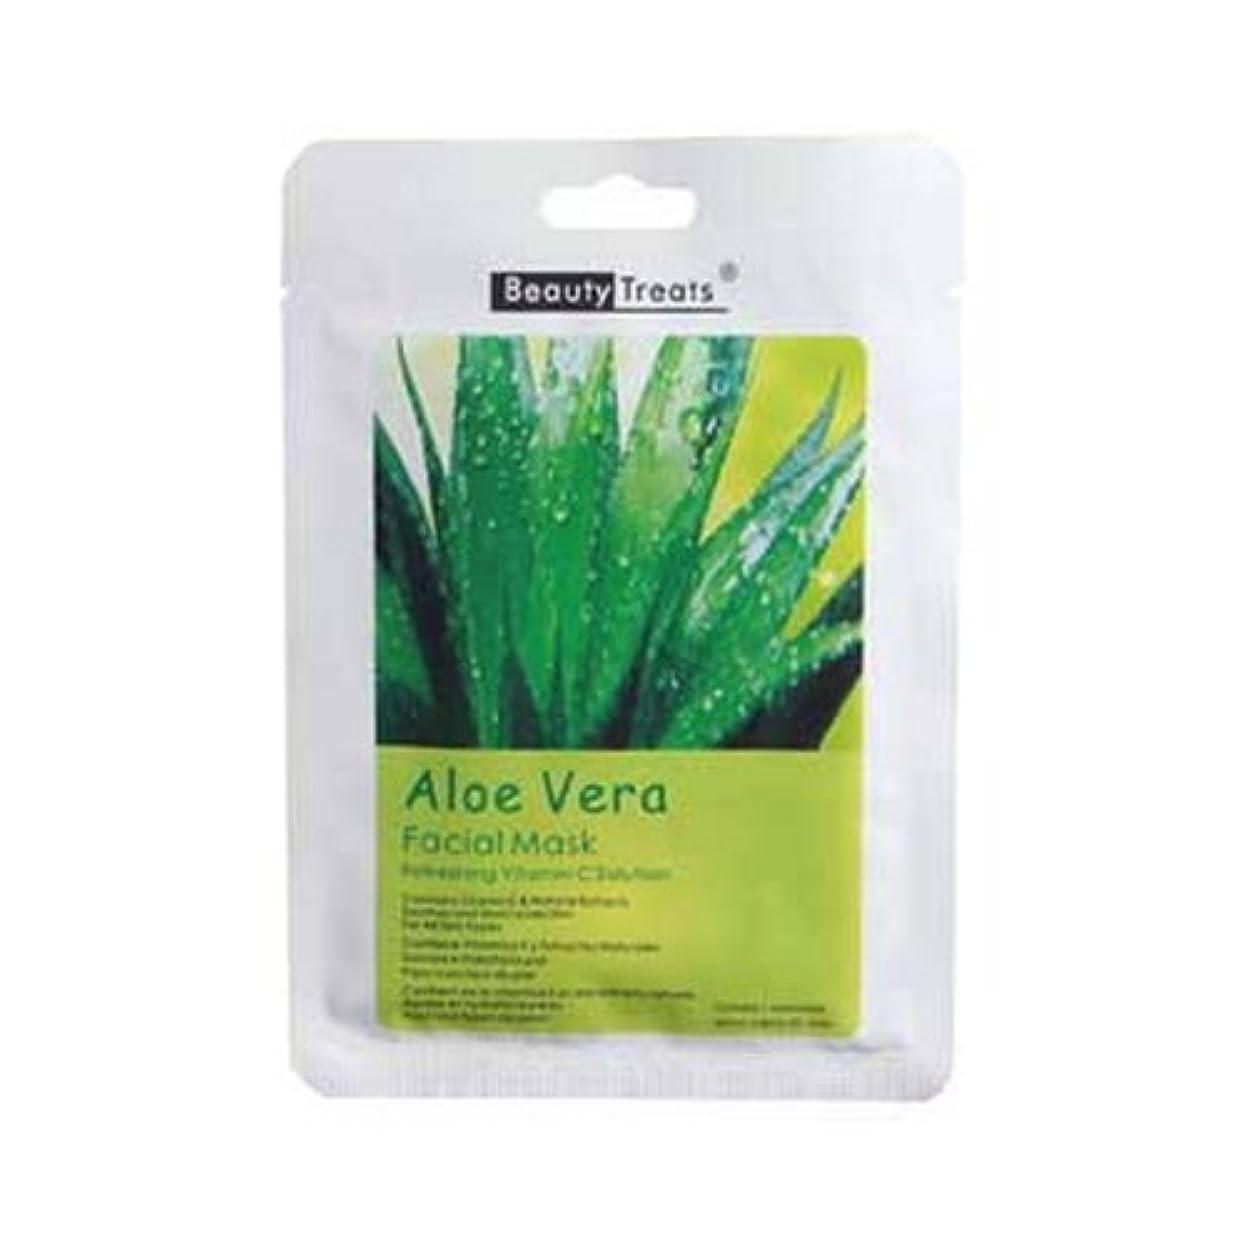 エピソード幸運な咳(6 Pack) BEAUTY TREATS Facial Mask Refreshing Vitamin C Solution - Aloe Vera (並行輸入品)